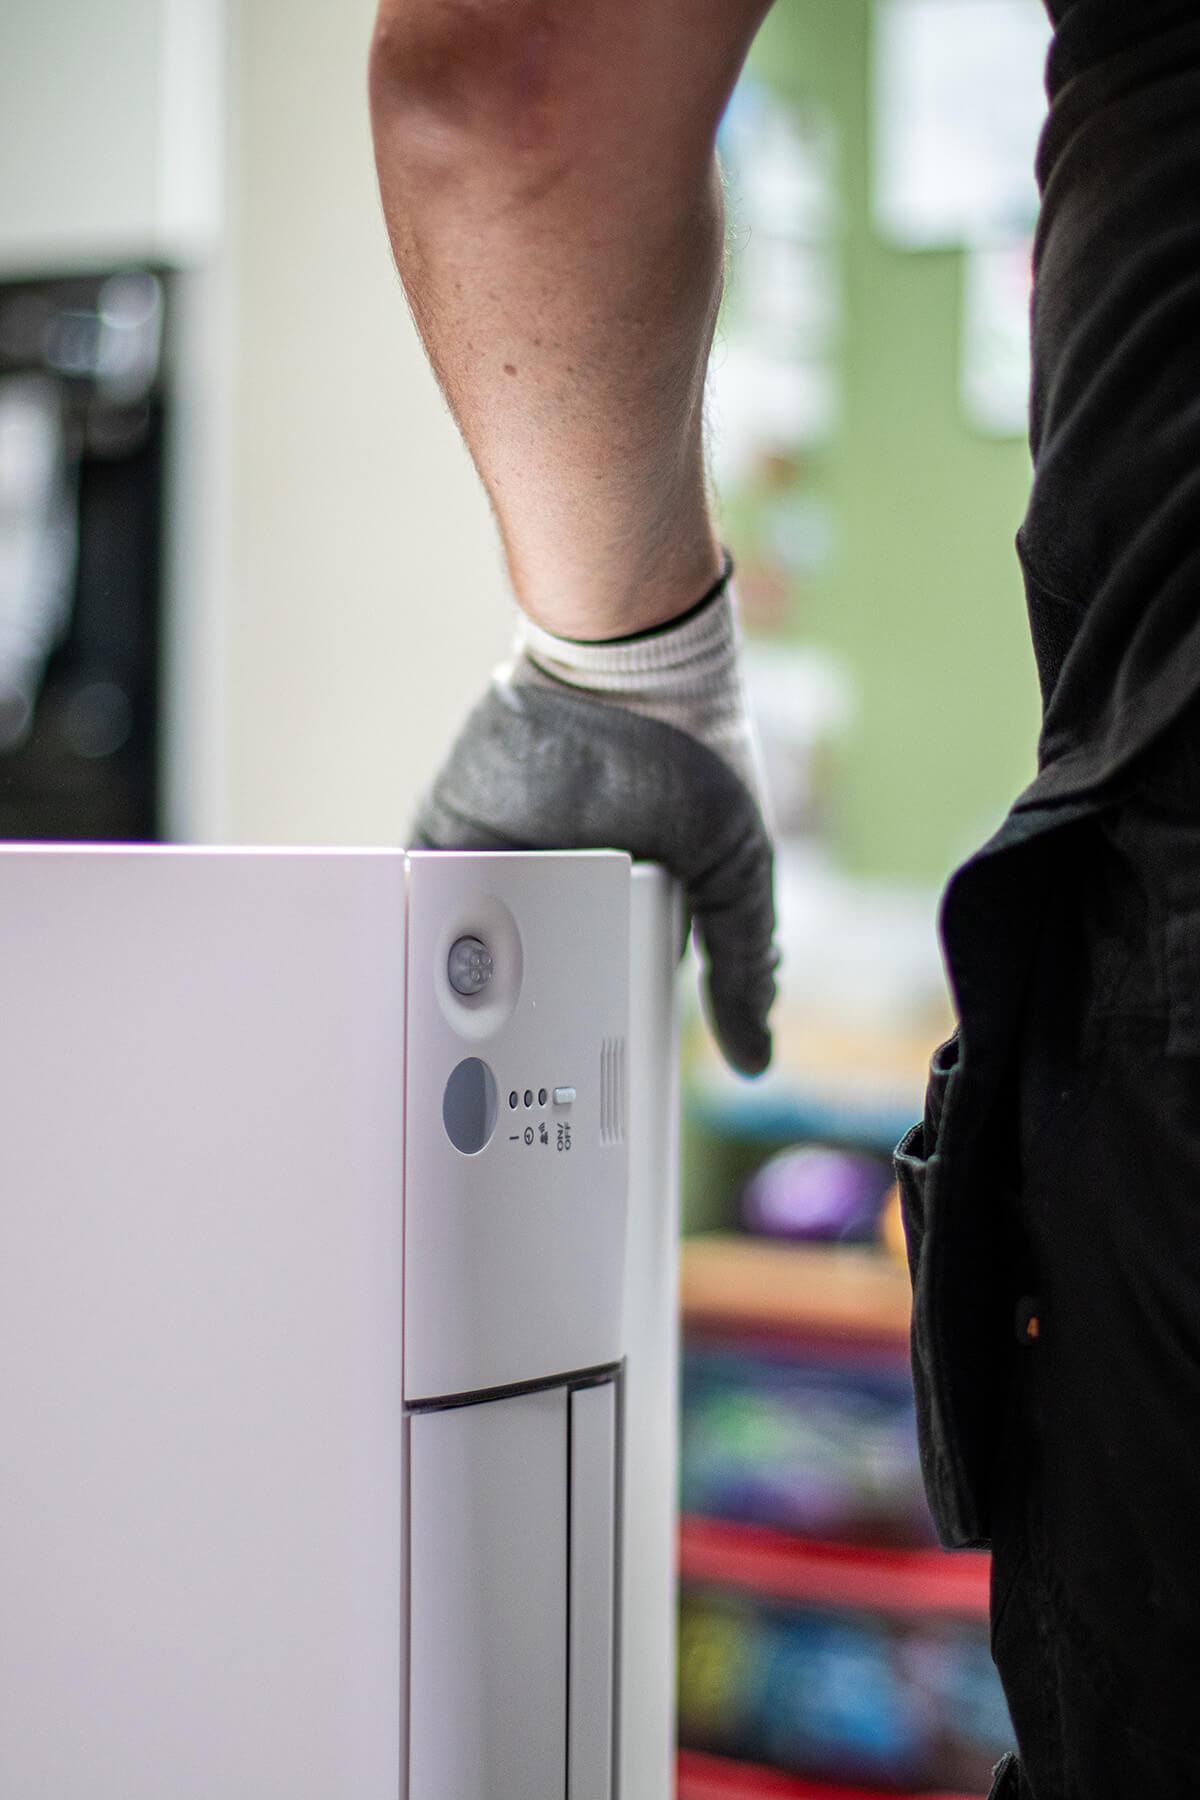 Airco installateur draagt zorg voor het materiaal